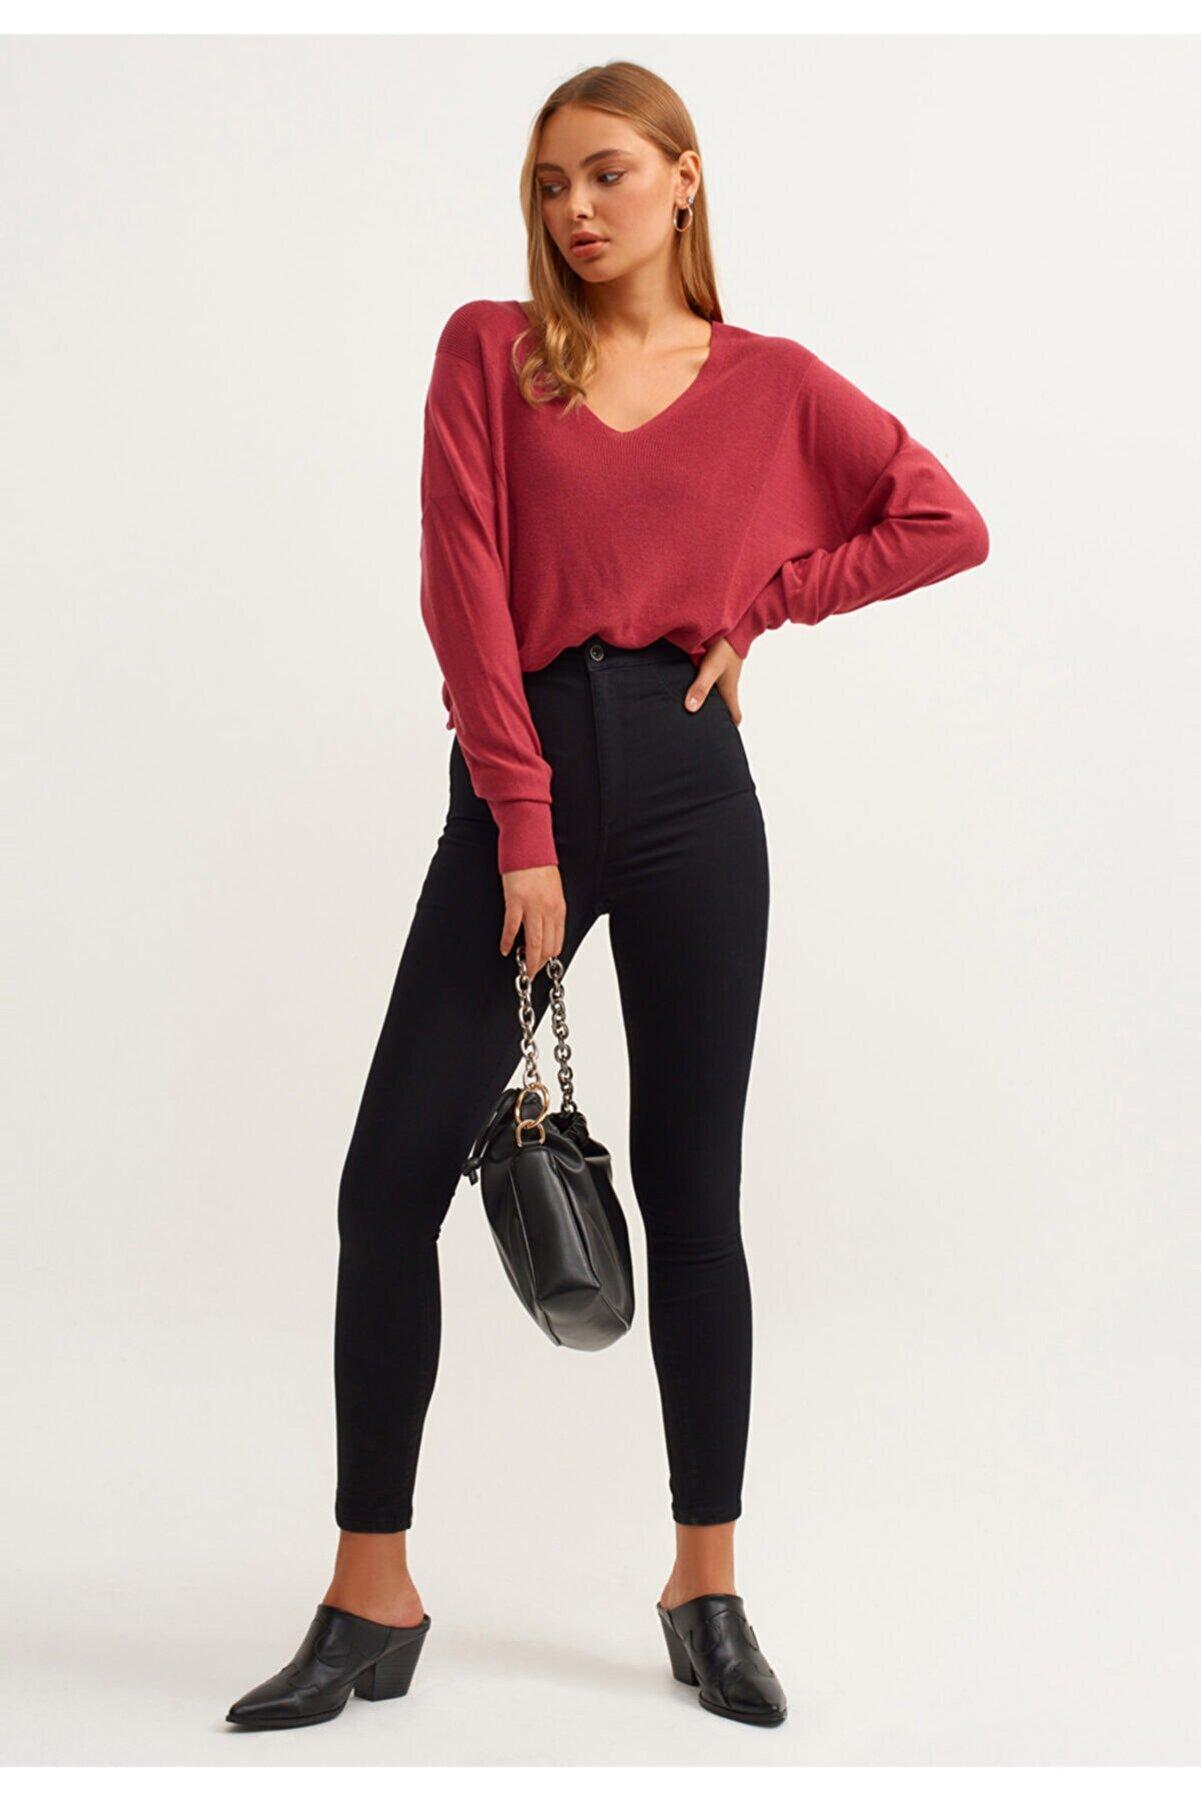 İNCİMMODA Toparlayıcı Solmayan Skinny Jean Siyah Kadın Pantolon